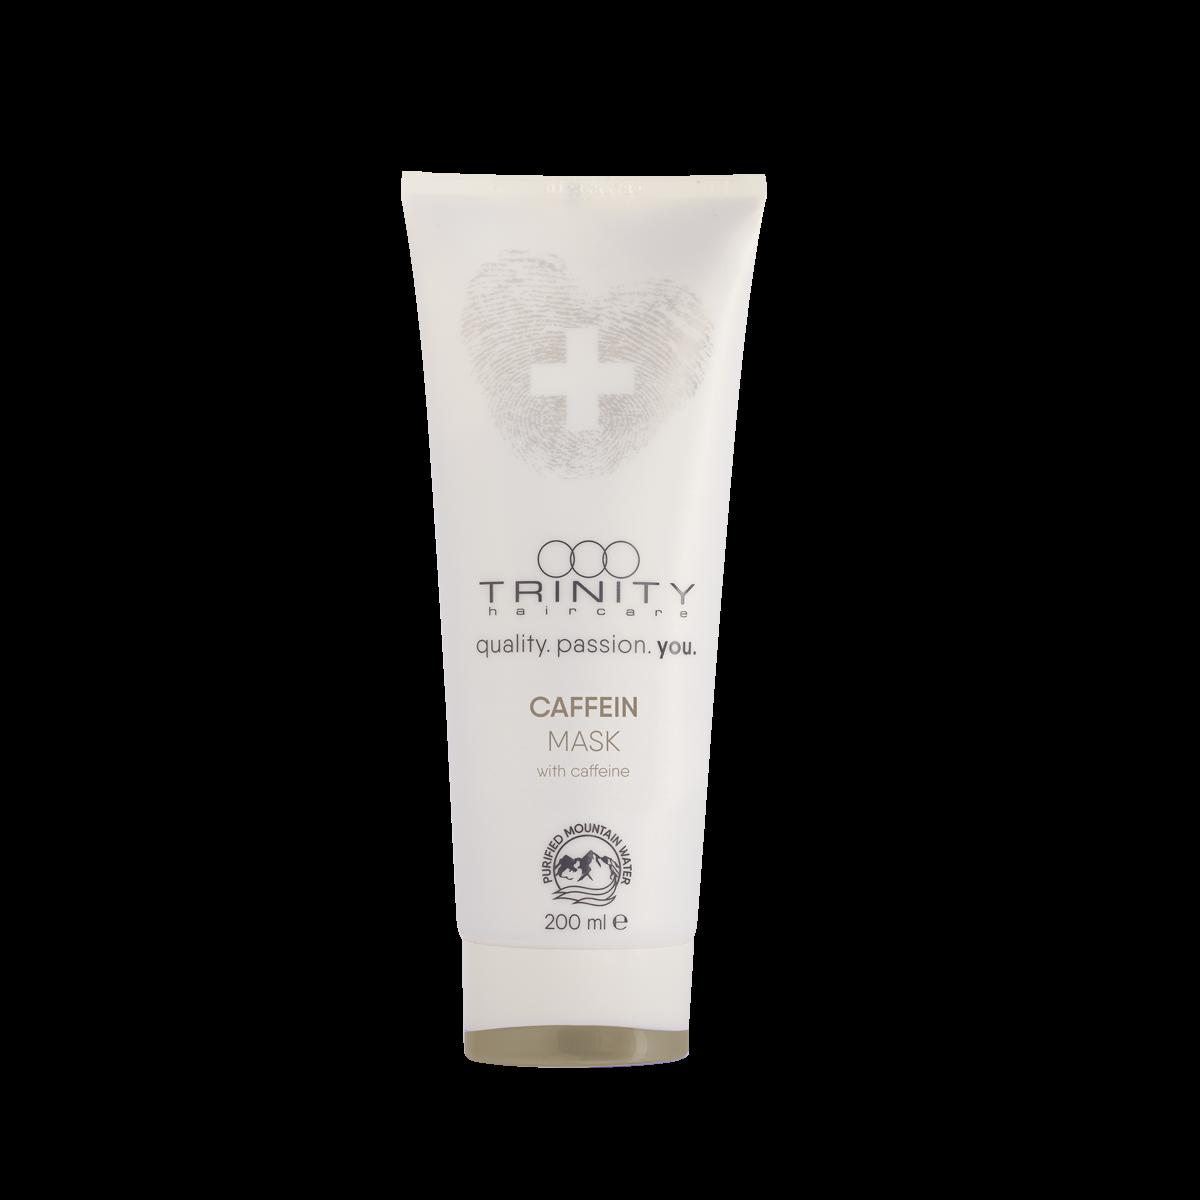 Фото - Trinity Hair Care Маска Therapies Caffein Mask для Укрепления и Против Выпадения с Кофеином, 200 мл trinity hair care маска essentials summer mask с уф фильтром 200 мл